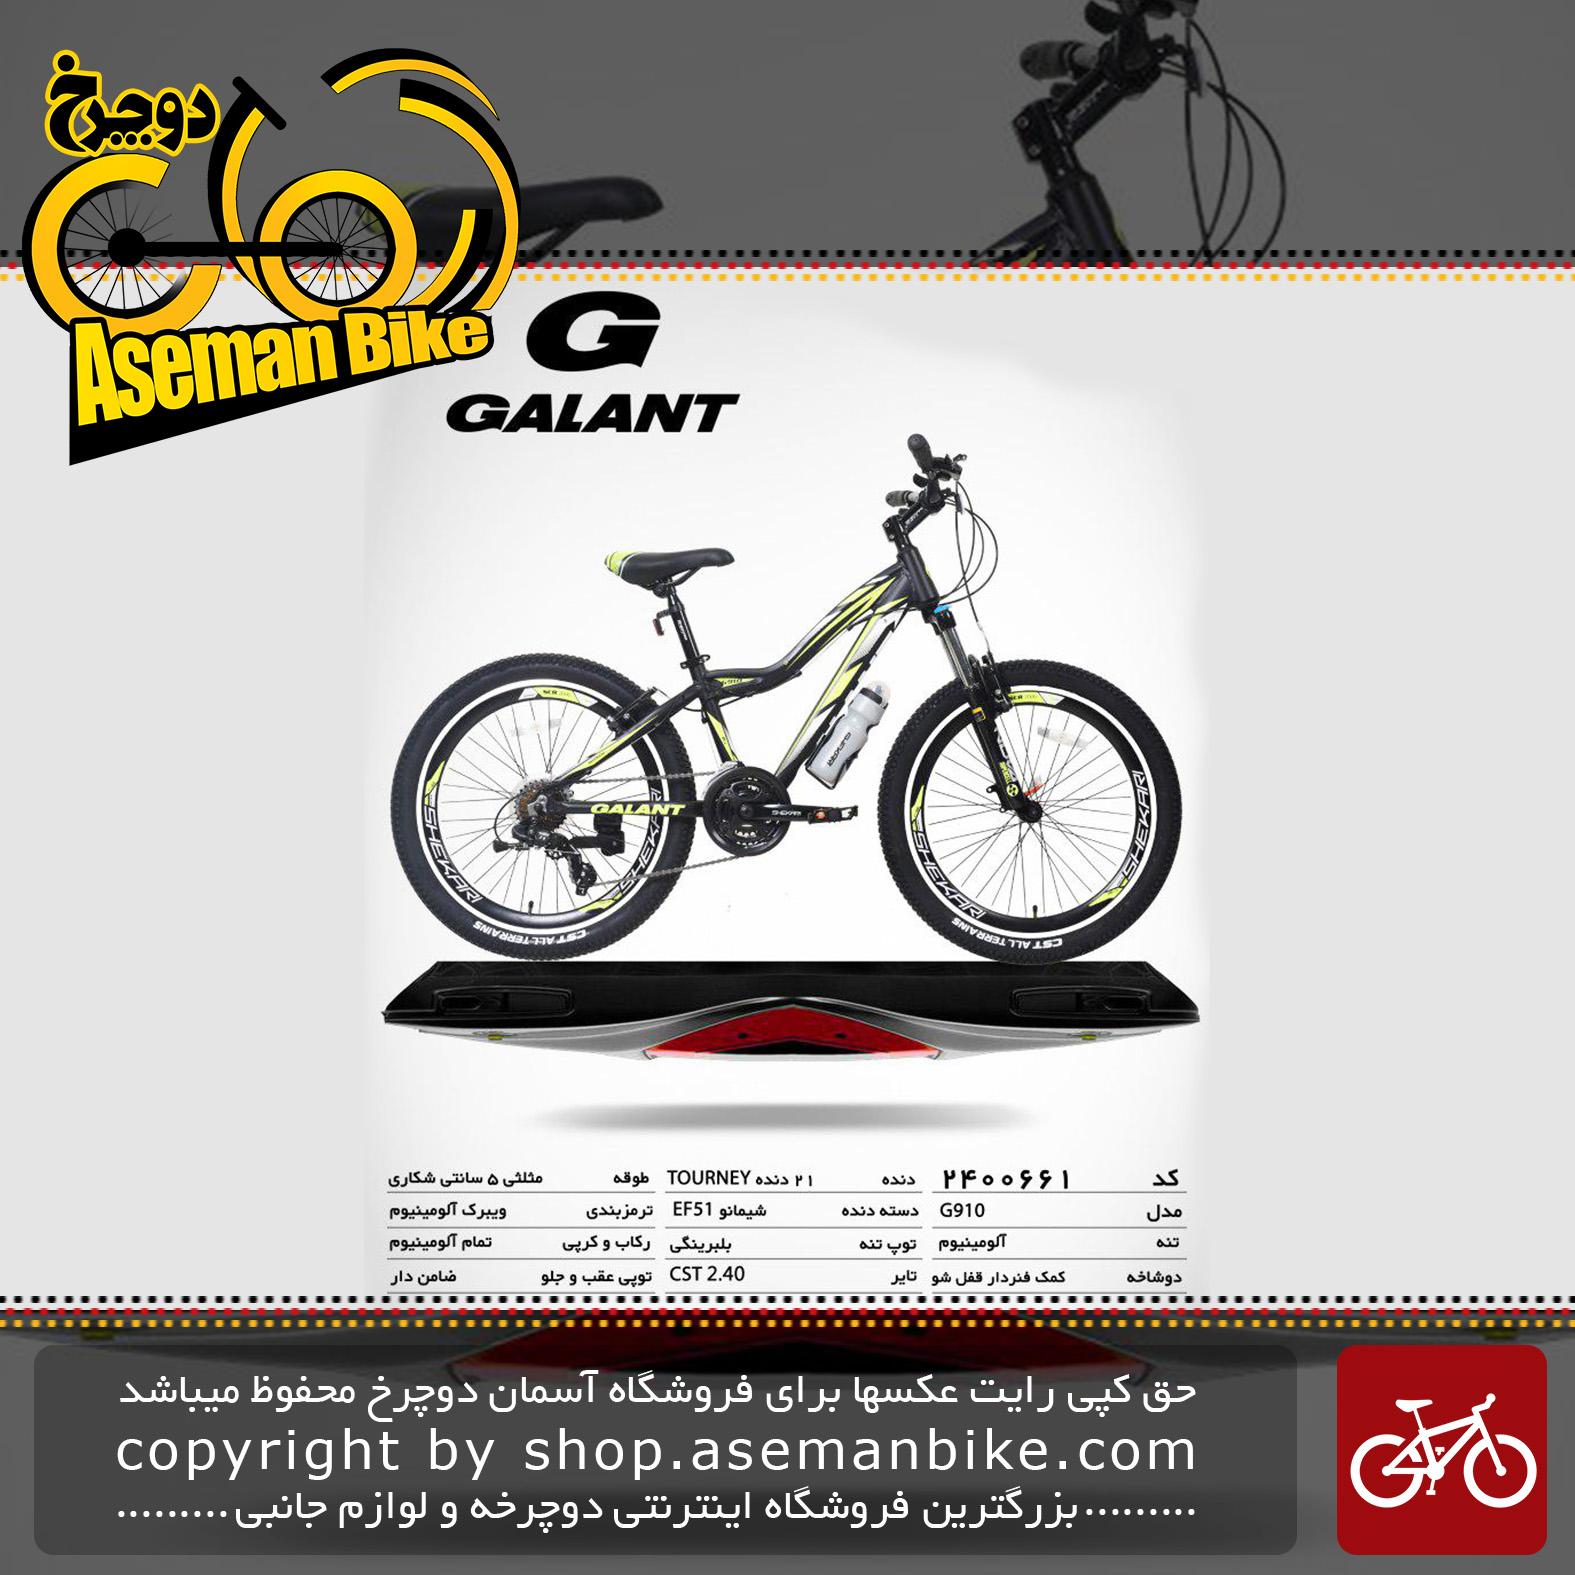 دوچرخه کوهستان شهری گالانت جی 910 21 دنده سایز 24 ساخت تایوان GALANT Mountain City Bicycle Taiwan G910 Size 24 2019